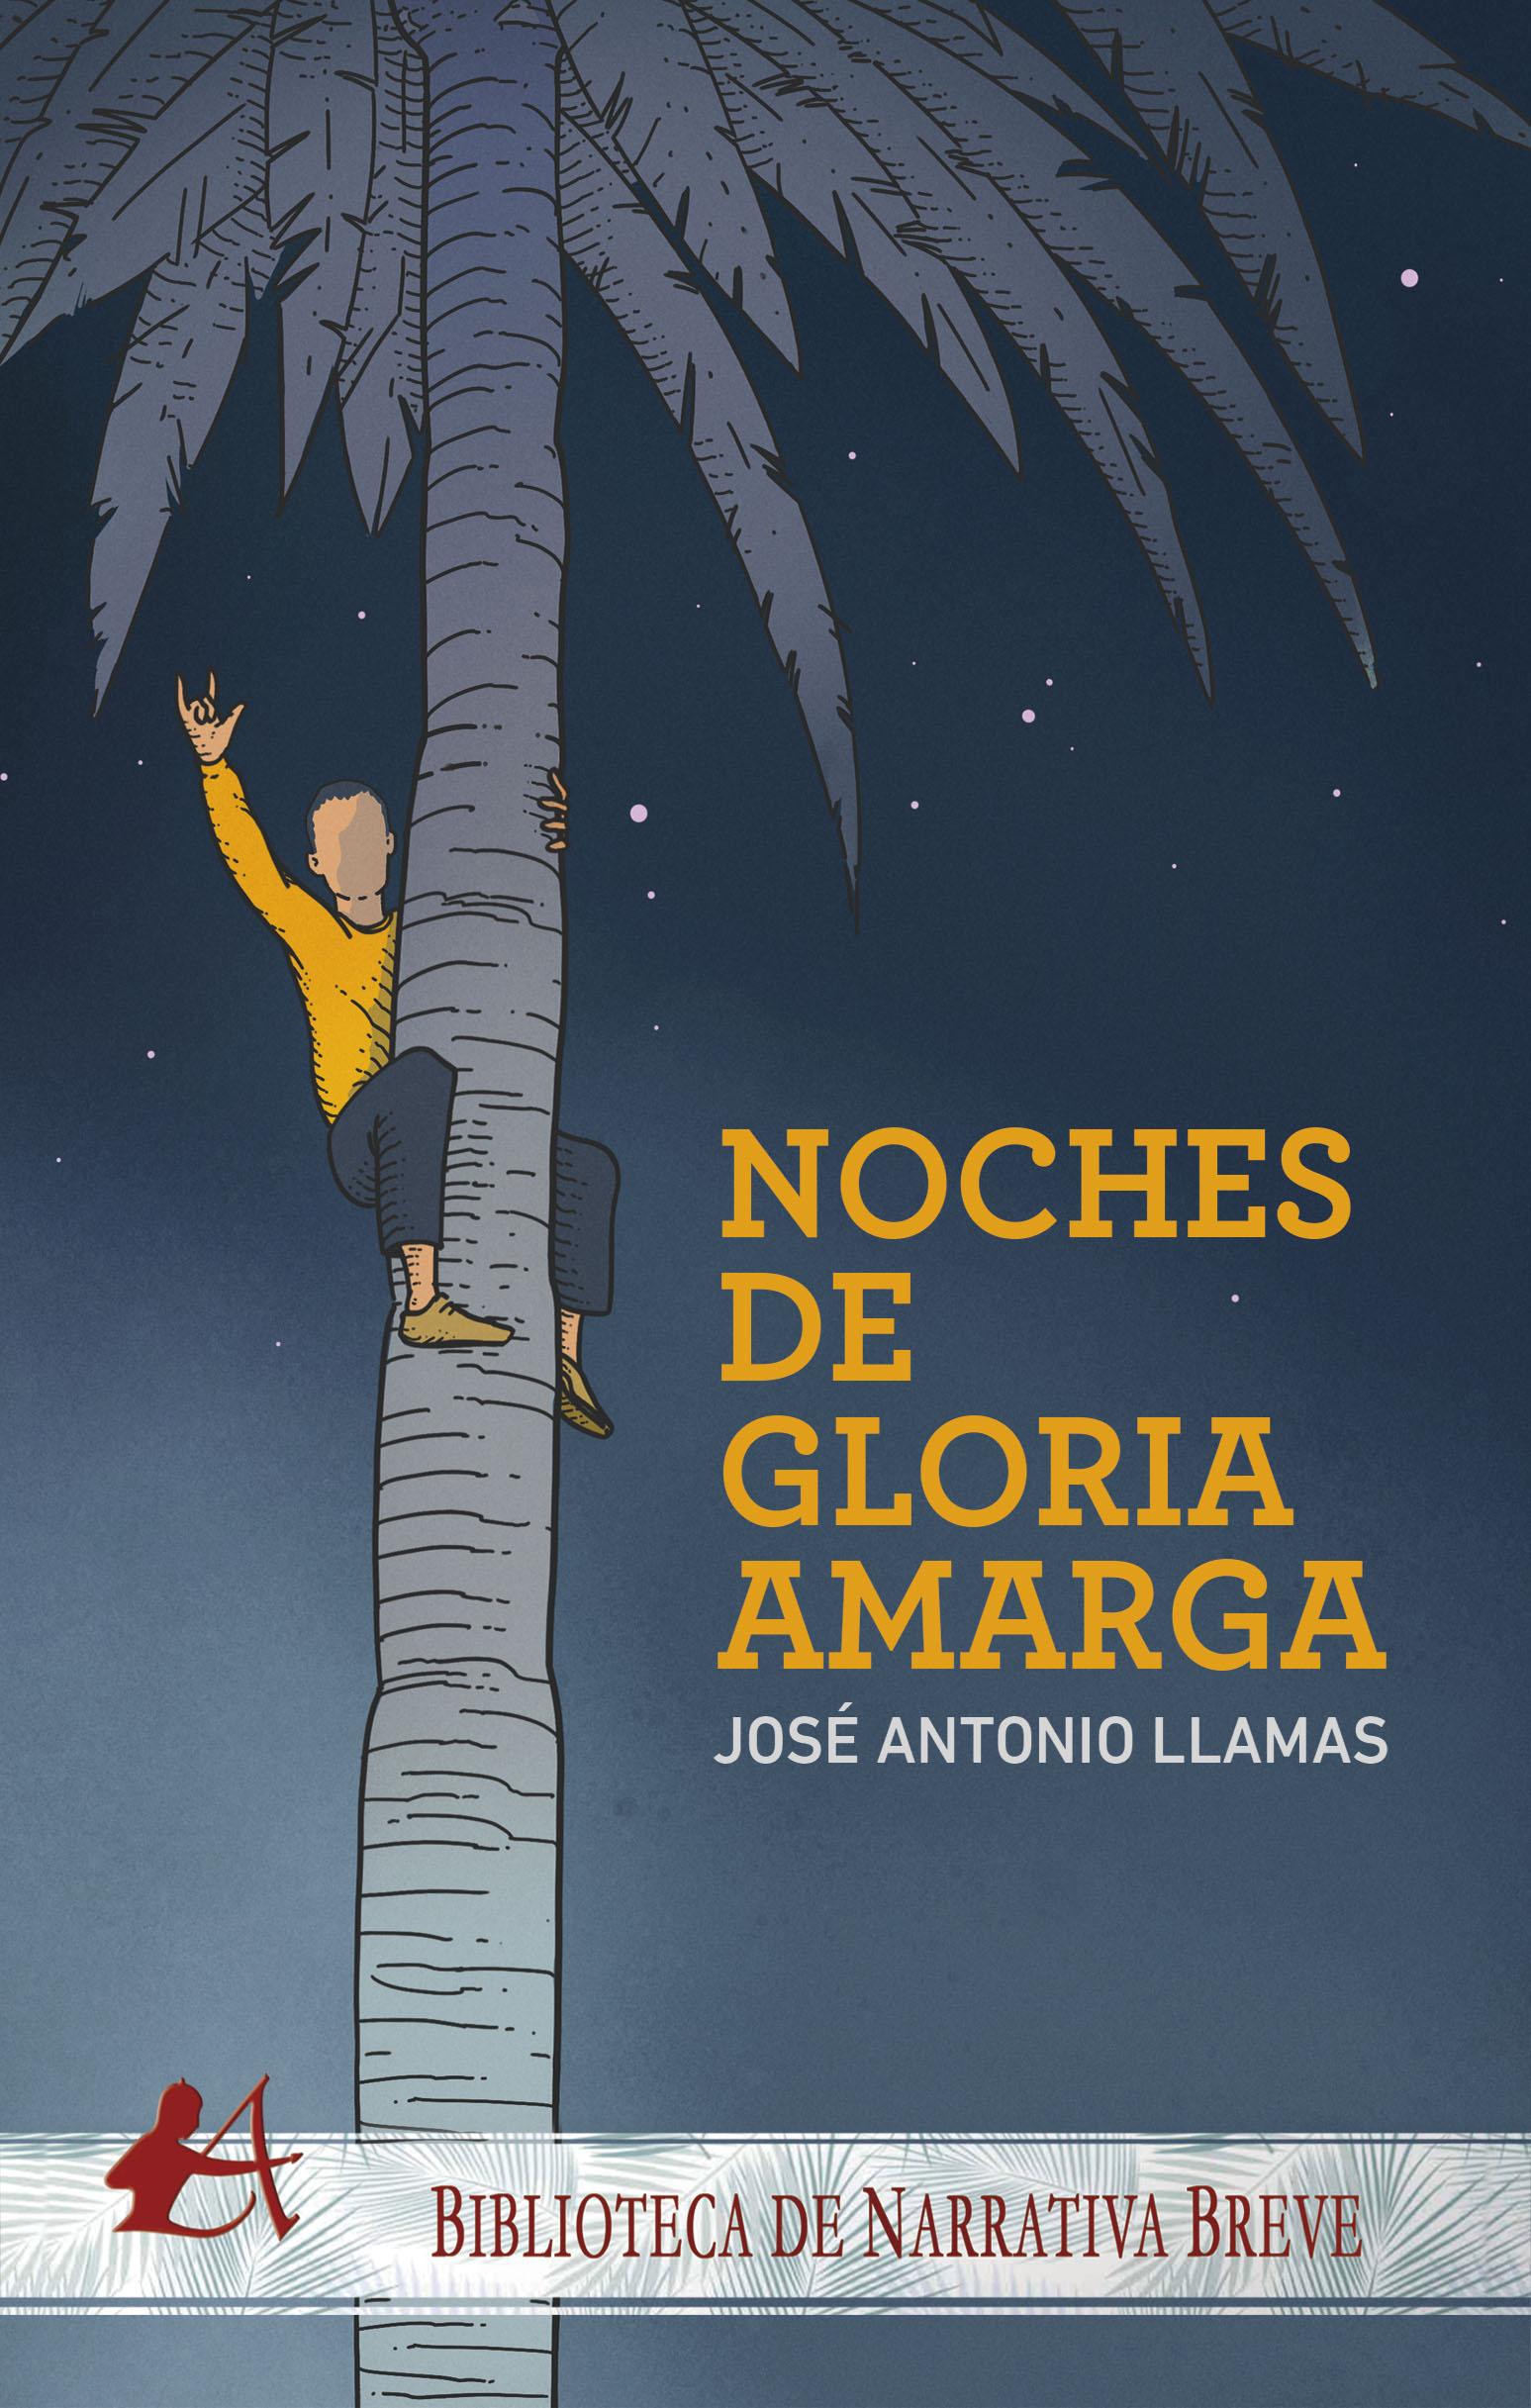 Portada Noches de gloria amarga de José Antonio Llamas. Editorial Adarve, Escritores de hoy